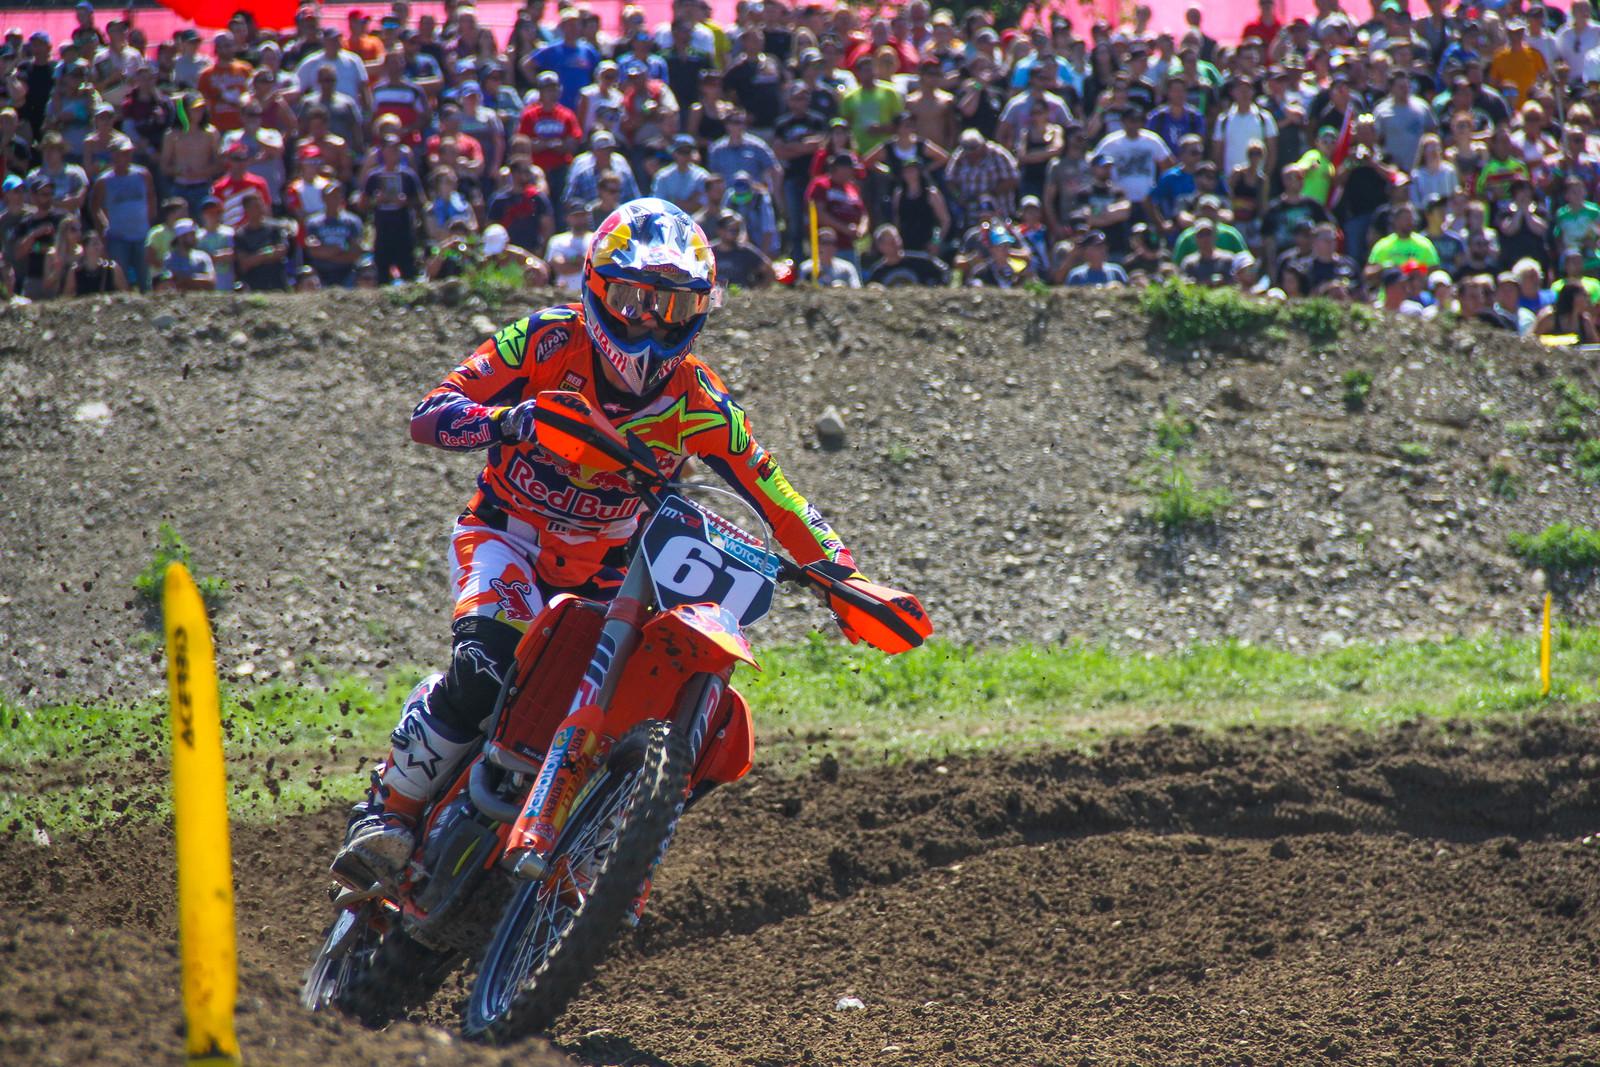 Jorge Prado - ayearinmx - Motocross Pictures - Vital MX